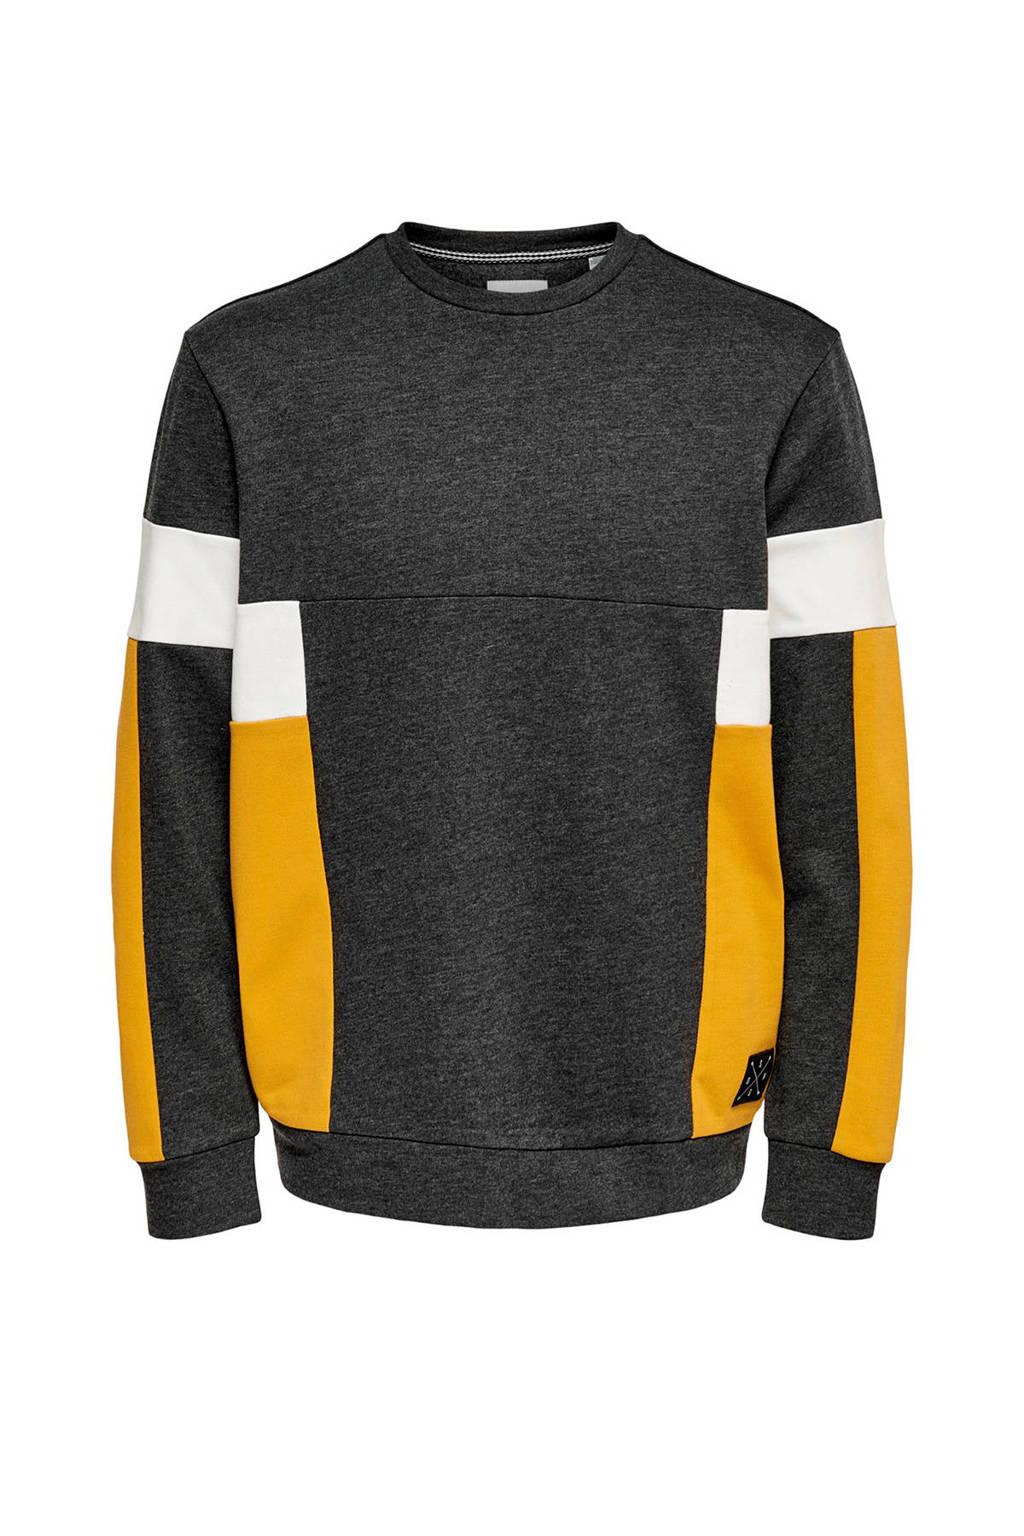 ONLY & SONS sweater zwart/wit/geel, Zwart/wit/geel